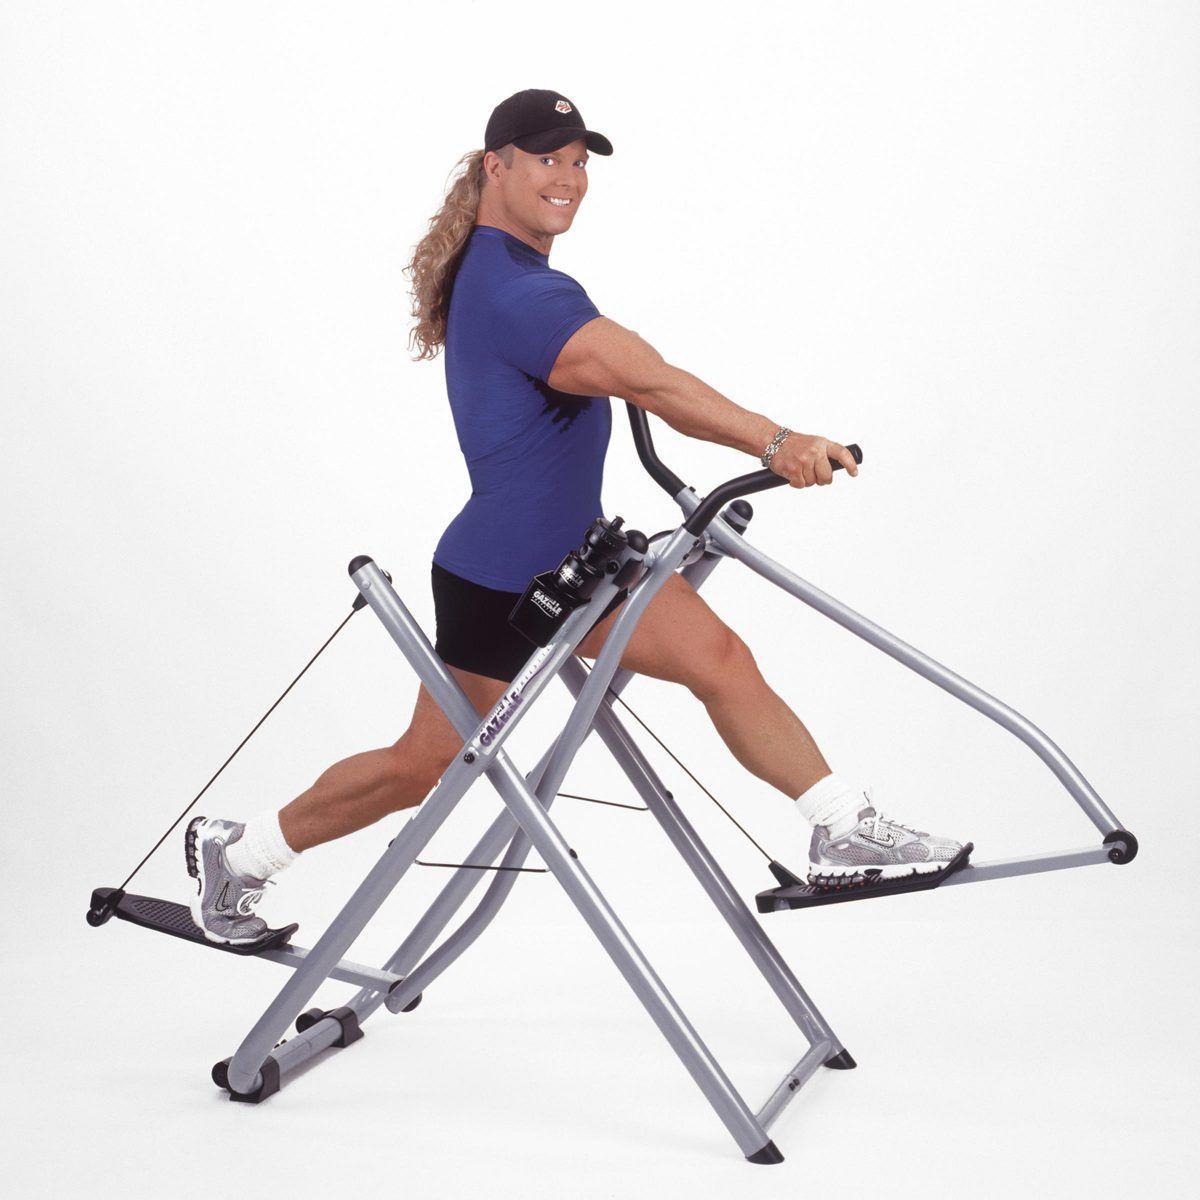 هل جهاز الغزال الطائر ينزل الوزن نتائج الغزال الطائر Fitness Icon No Equipment Workout Workout Challenge